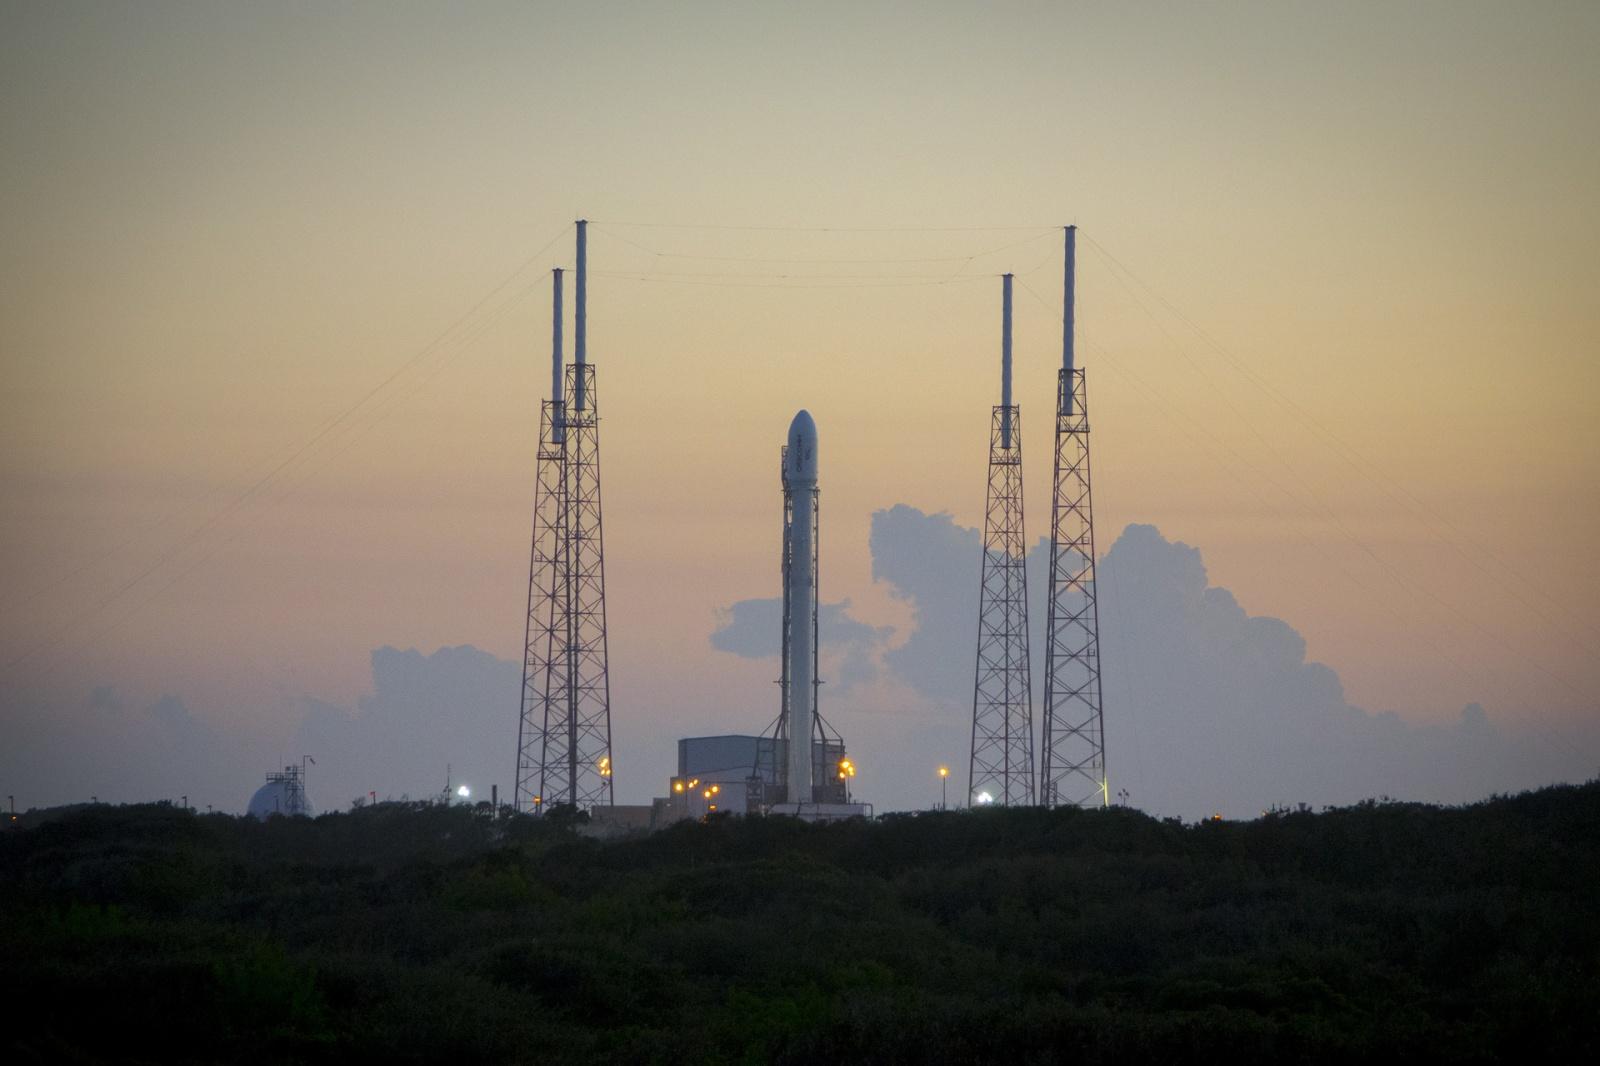 [Запуск и посадка успешны] Этой ночью SpaceX впервые попытается посадить первую ступень ракеты Falcon 9 на сушу - 1